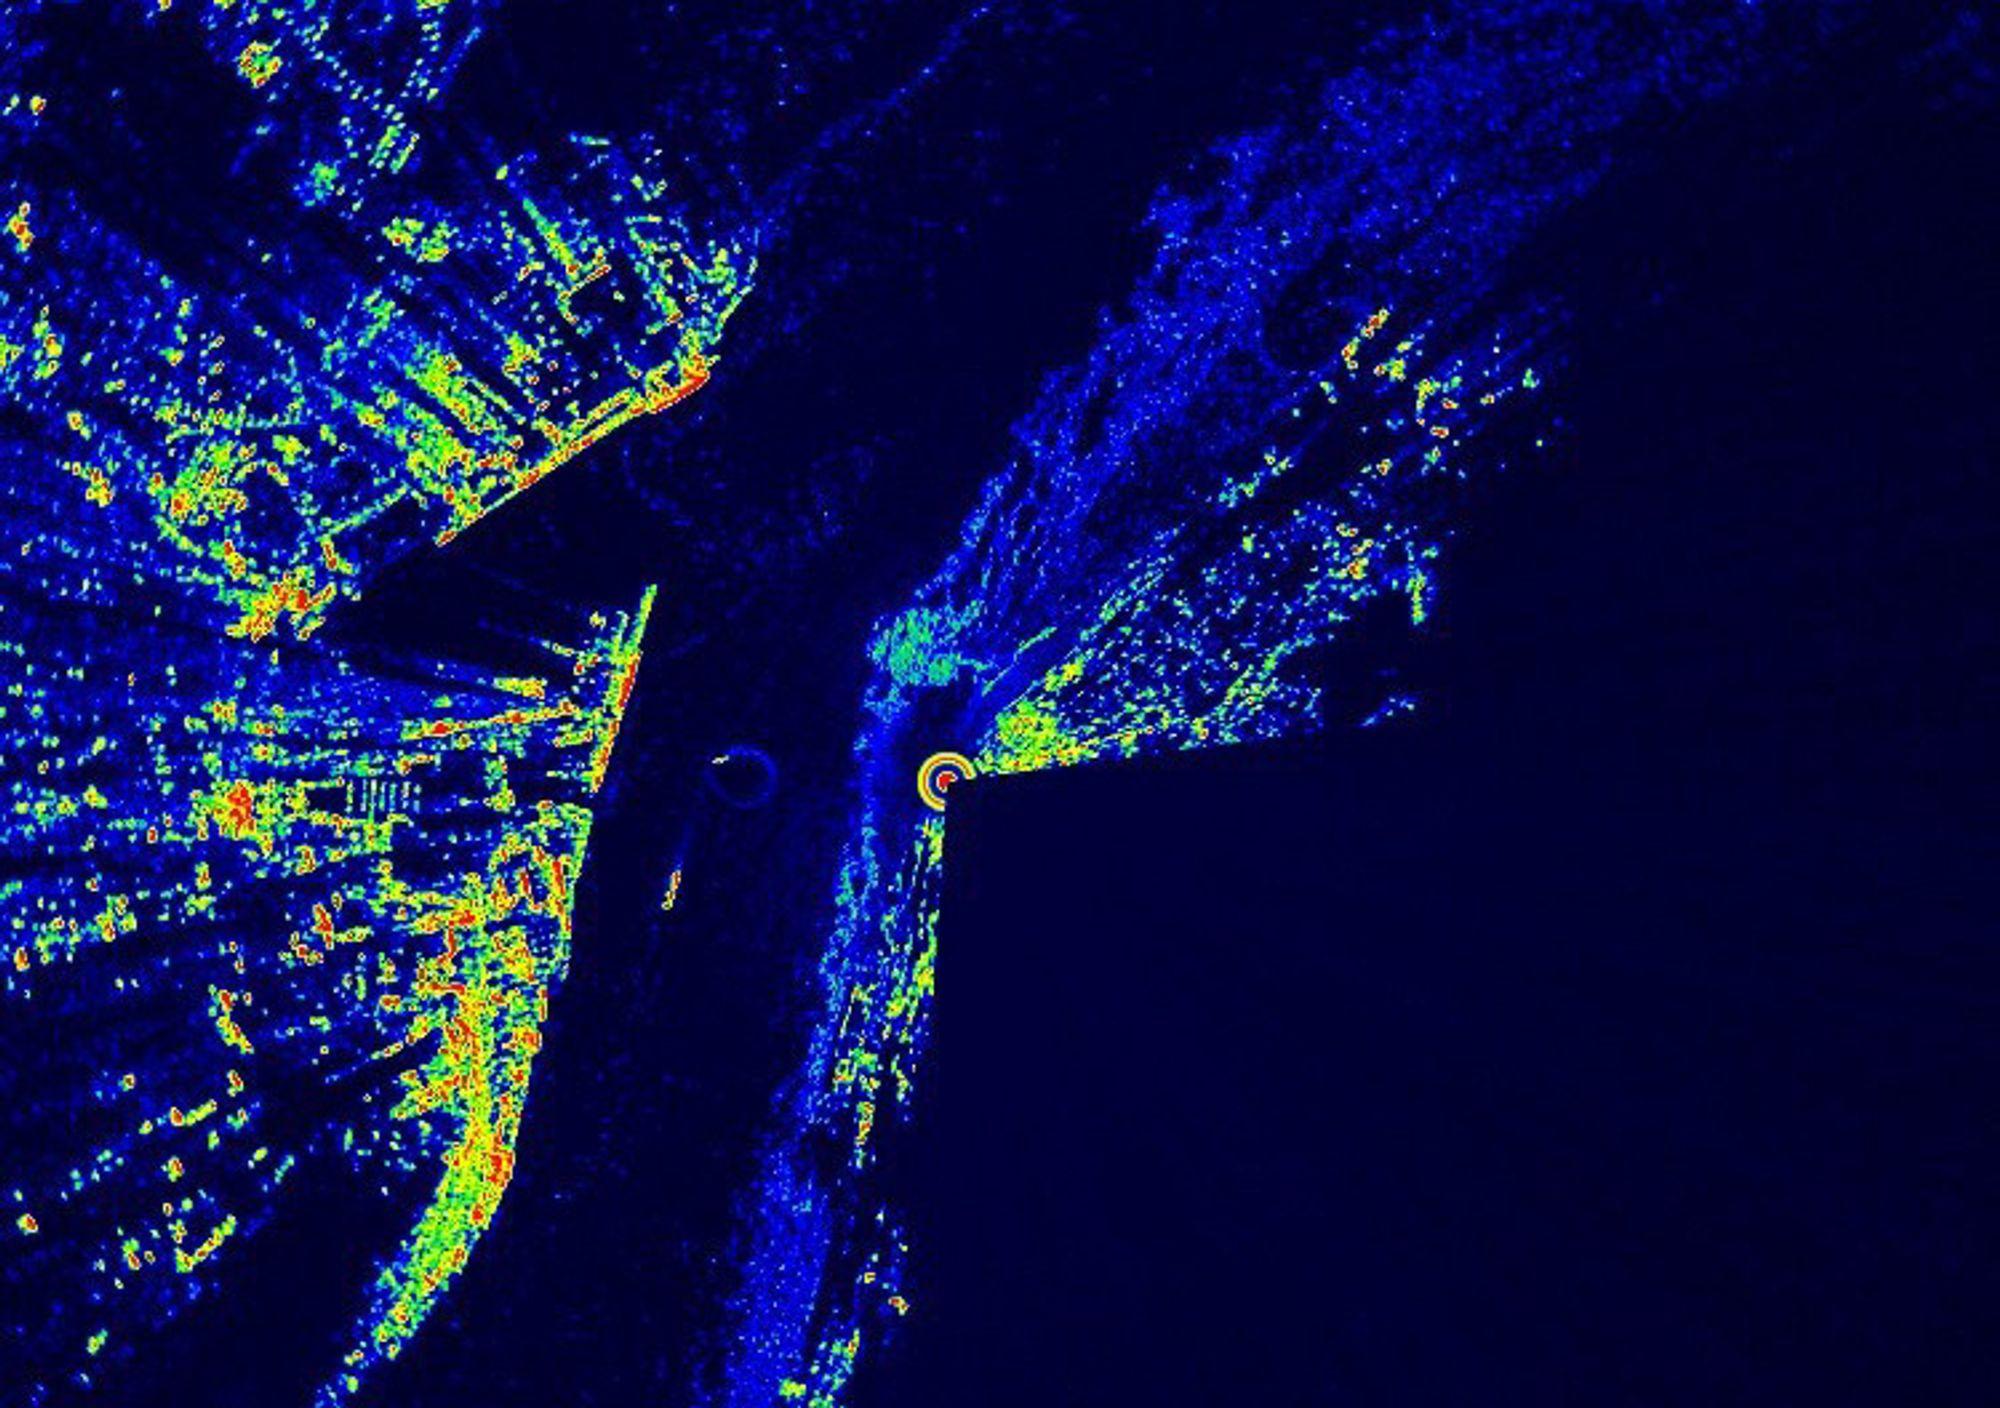 QUEBEC: Kongsberg Norcontrols nye teknologi gir mer detaljerte radarbilder, her fra Quebec. Bedre inntrykk får du ved å gå inn på http://www.youtube.com/watch?v=LKtNbCXuet0 hvor man kan se skip og is som beveger seg på elven.